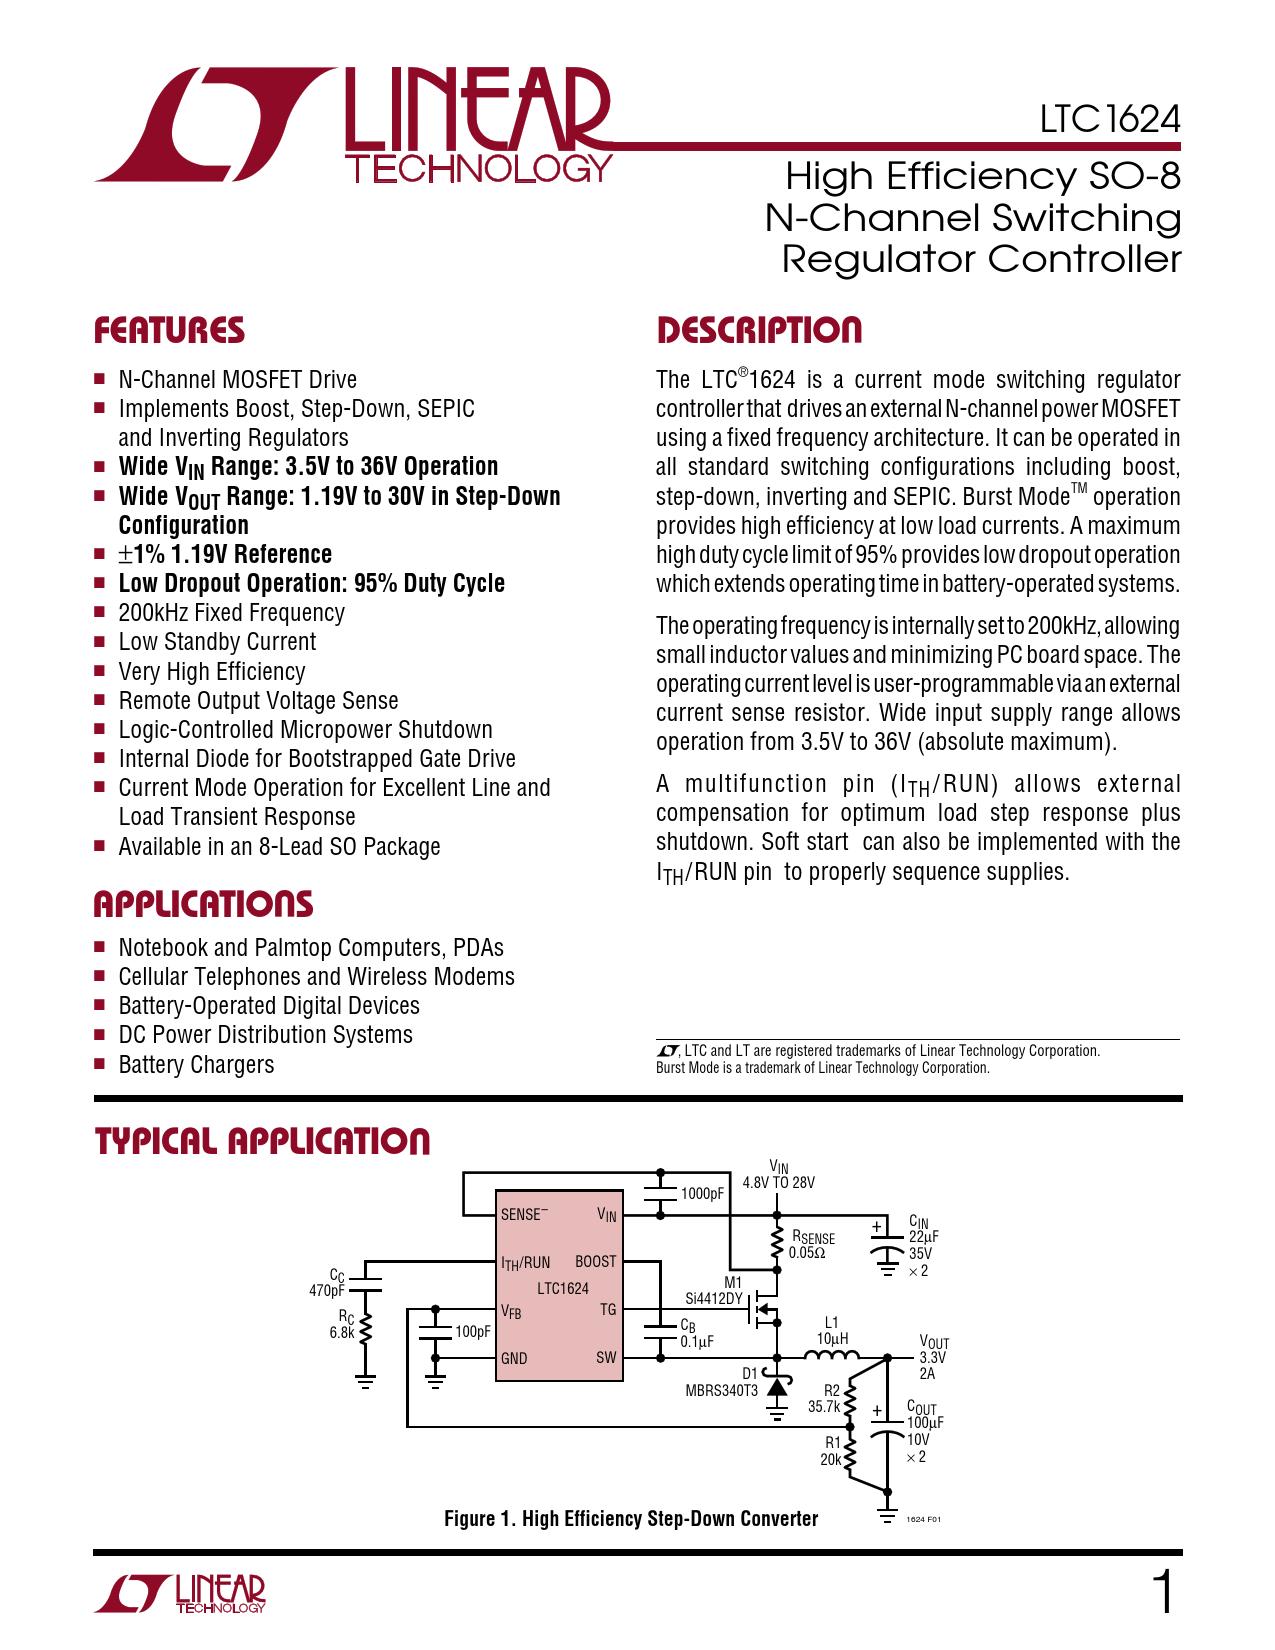 Datasheet LTC1624 Analog Devices